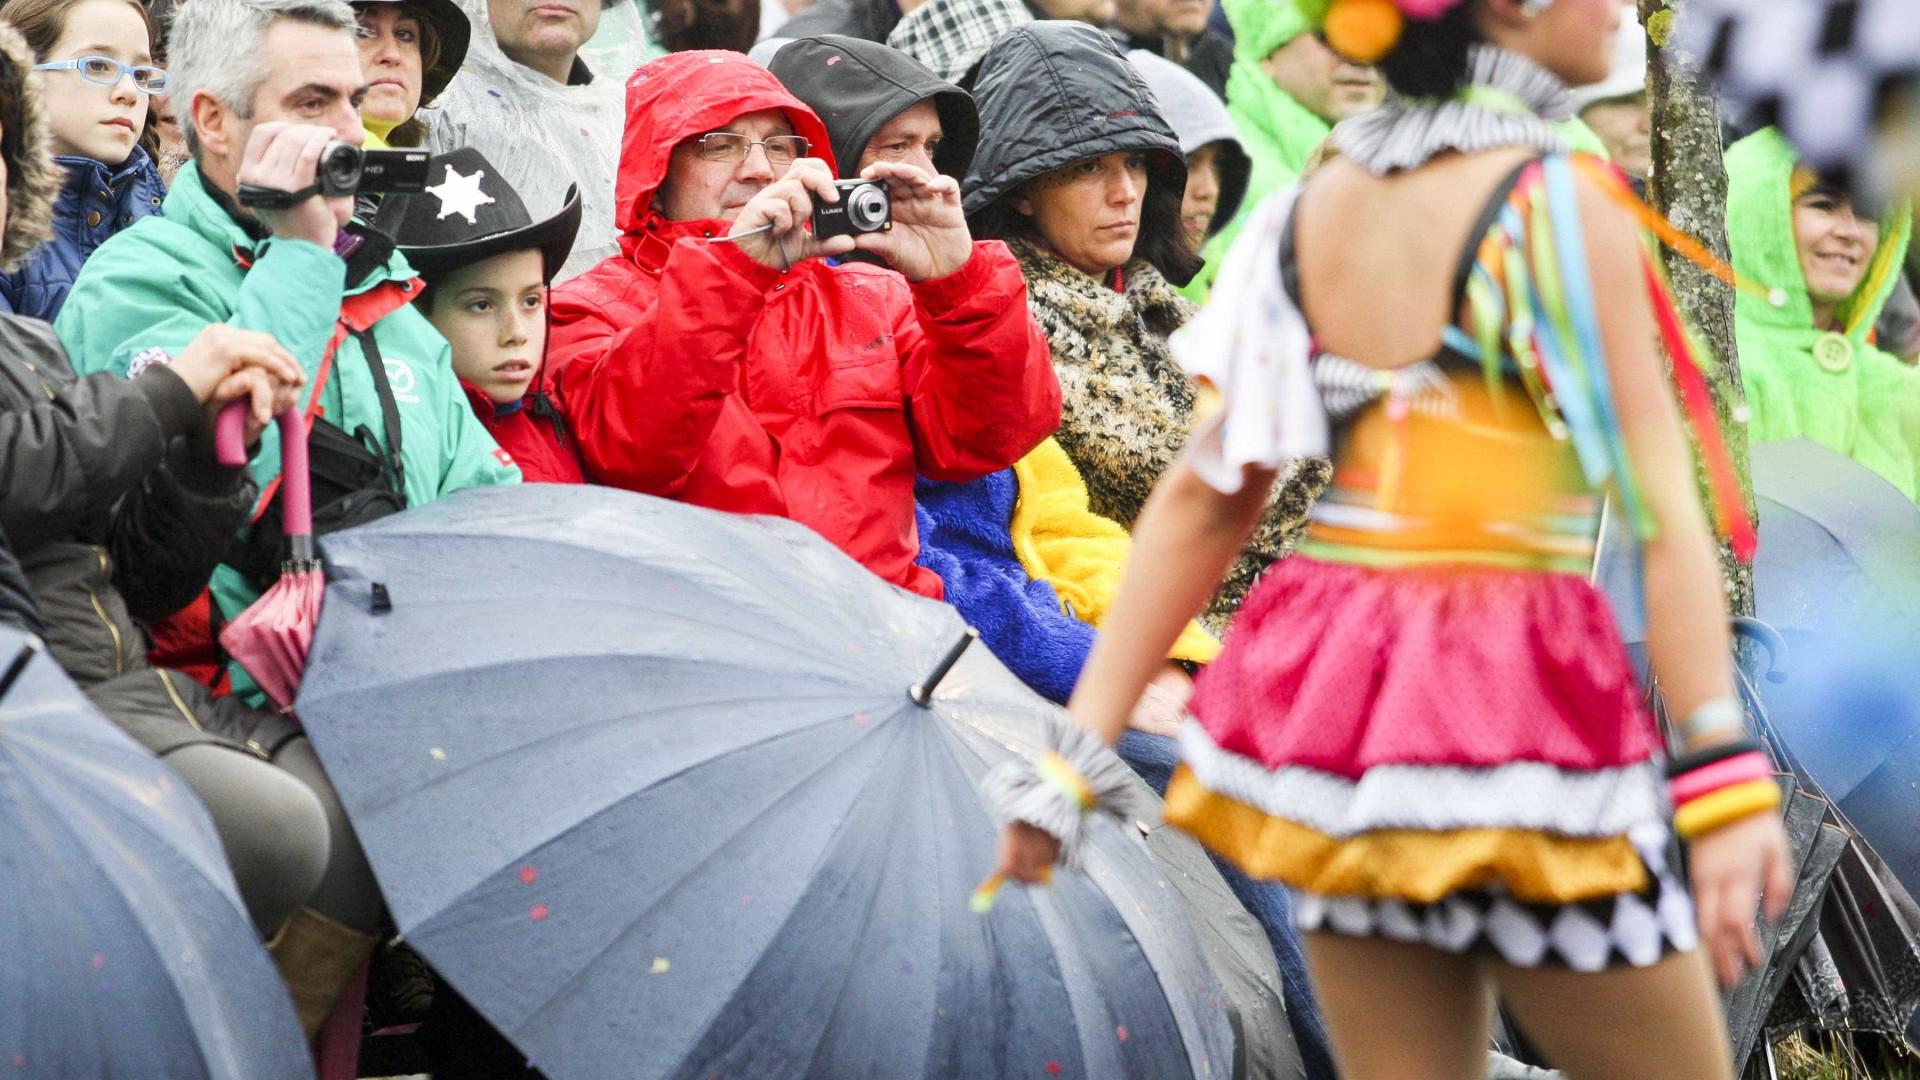 Carnaval virá 'mascarado' de chuva e o frio não dará tréguas